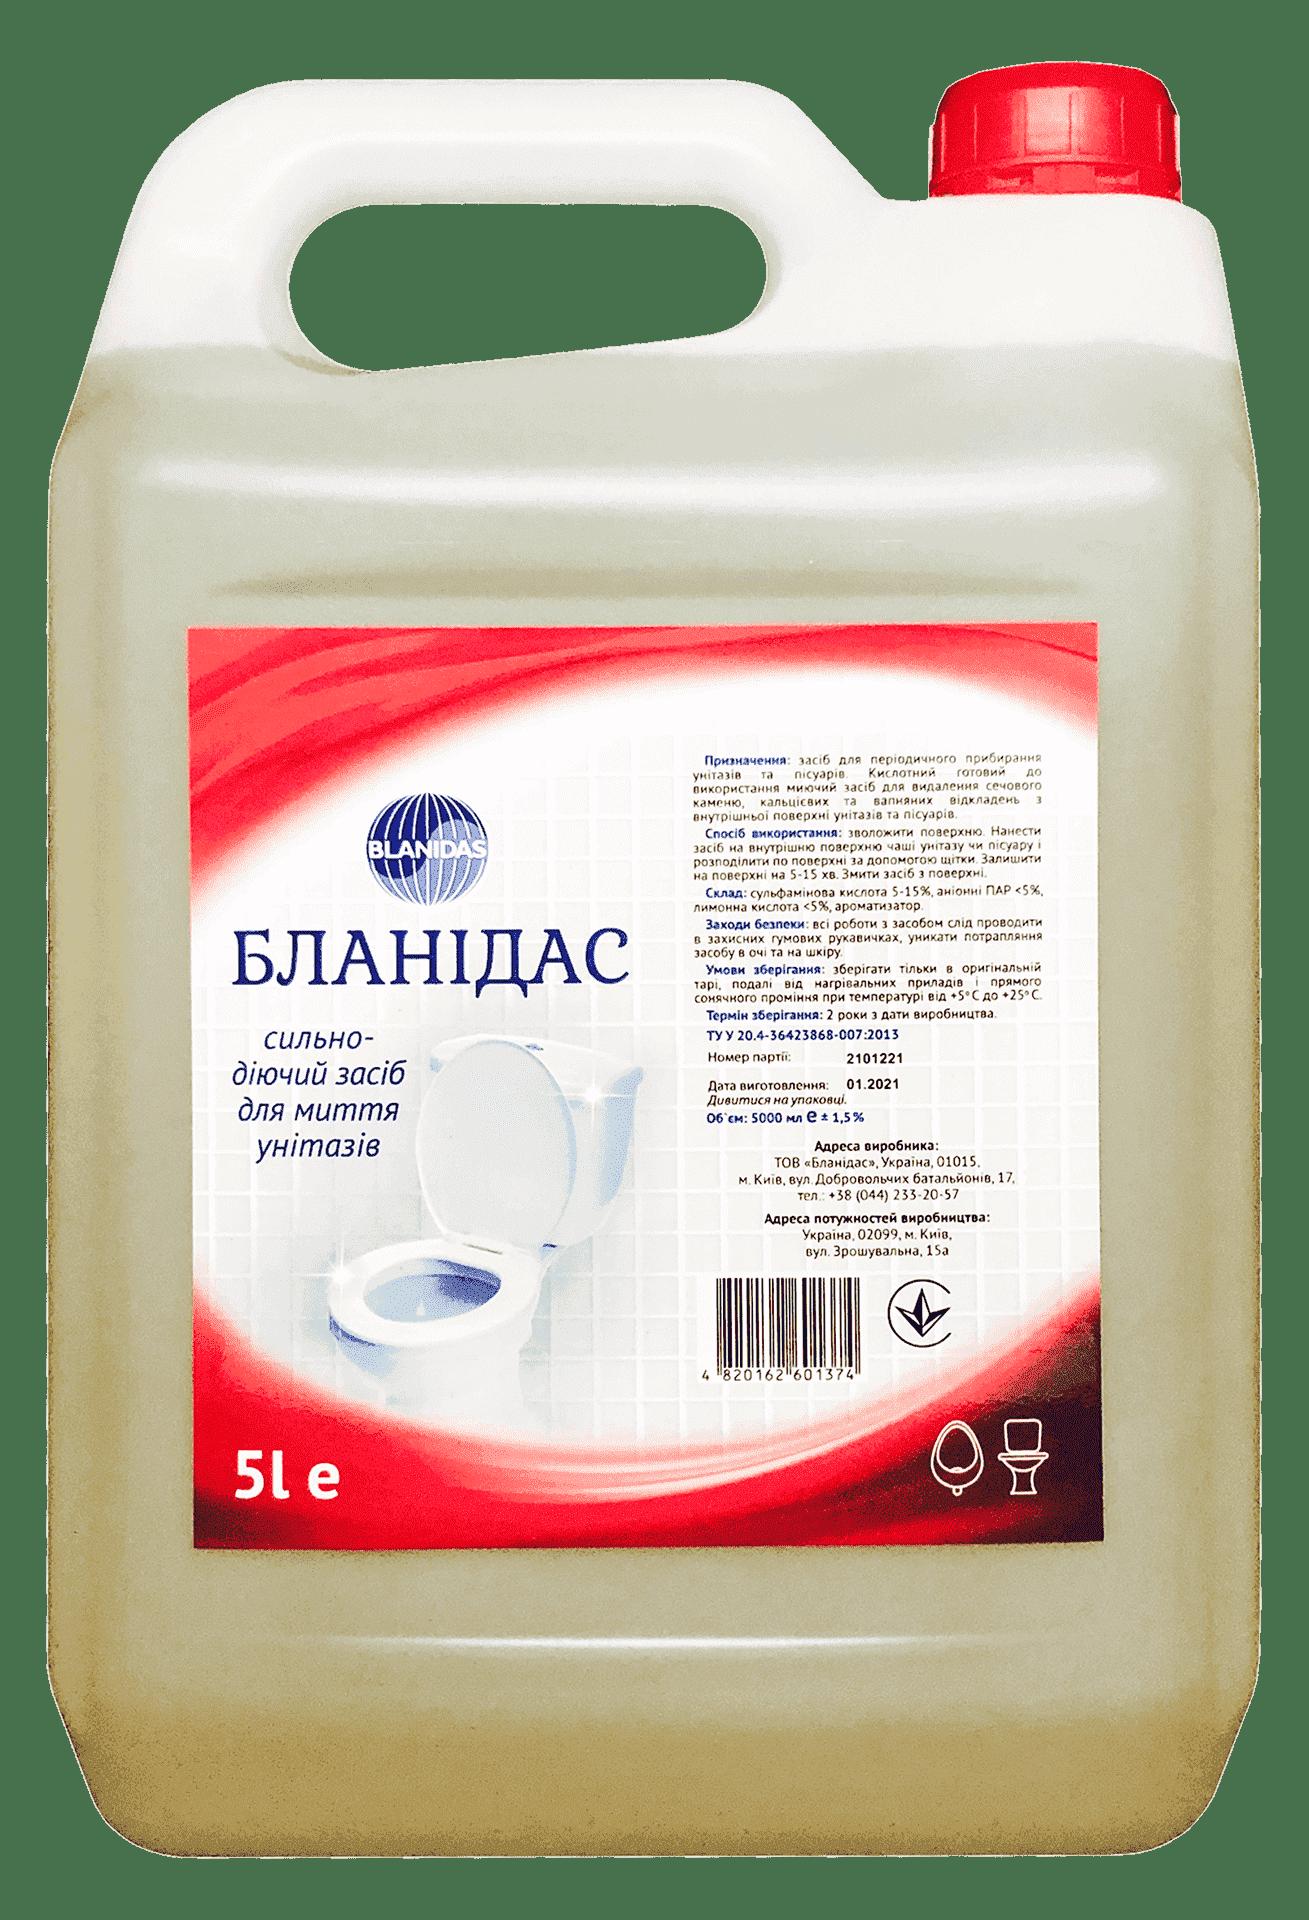 Бланідас- сильнодіючий миючий засіб для унітазів, 5л